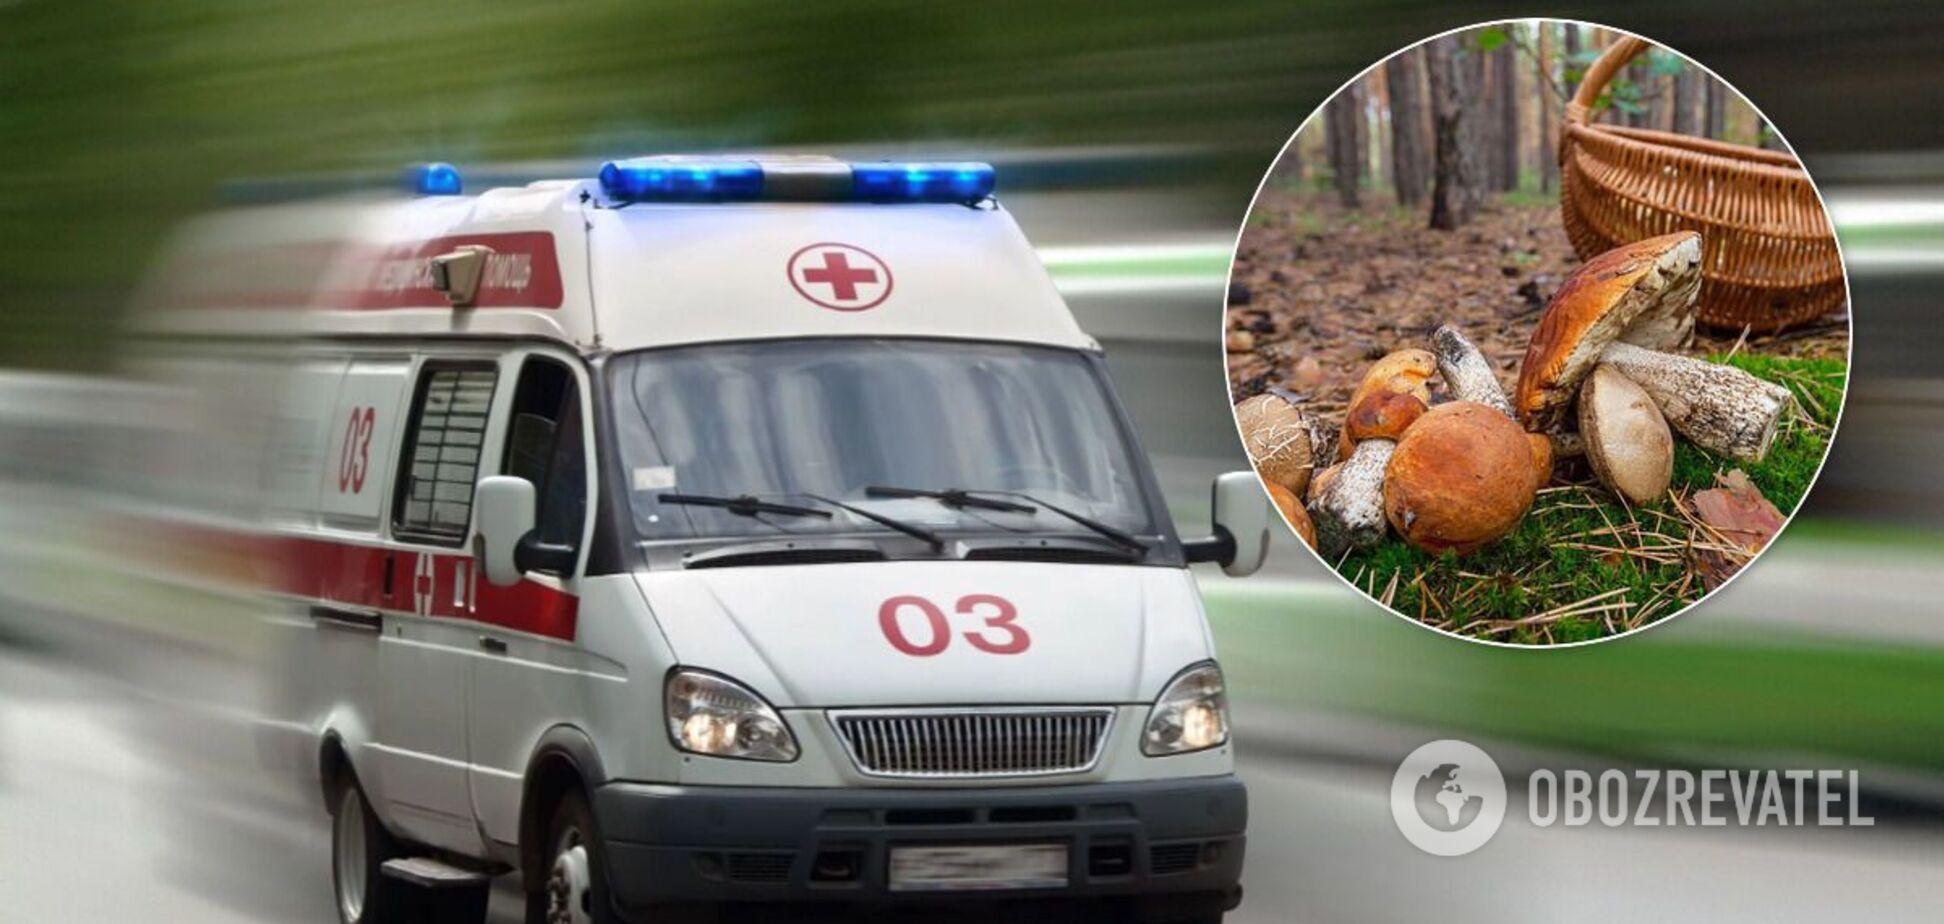 Під Дніпром сім'я потрапила до лікарні через отруєння дикими грибами